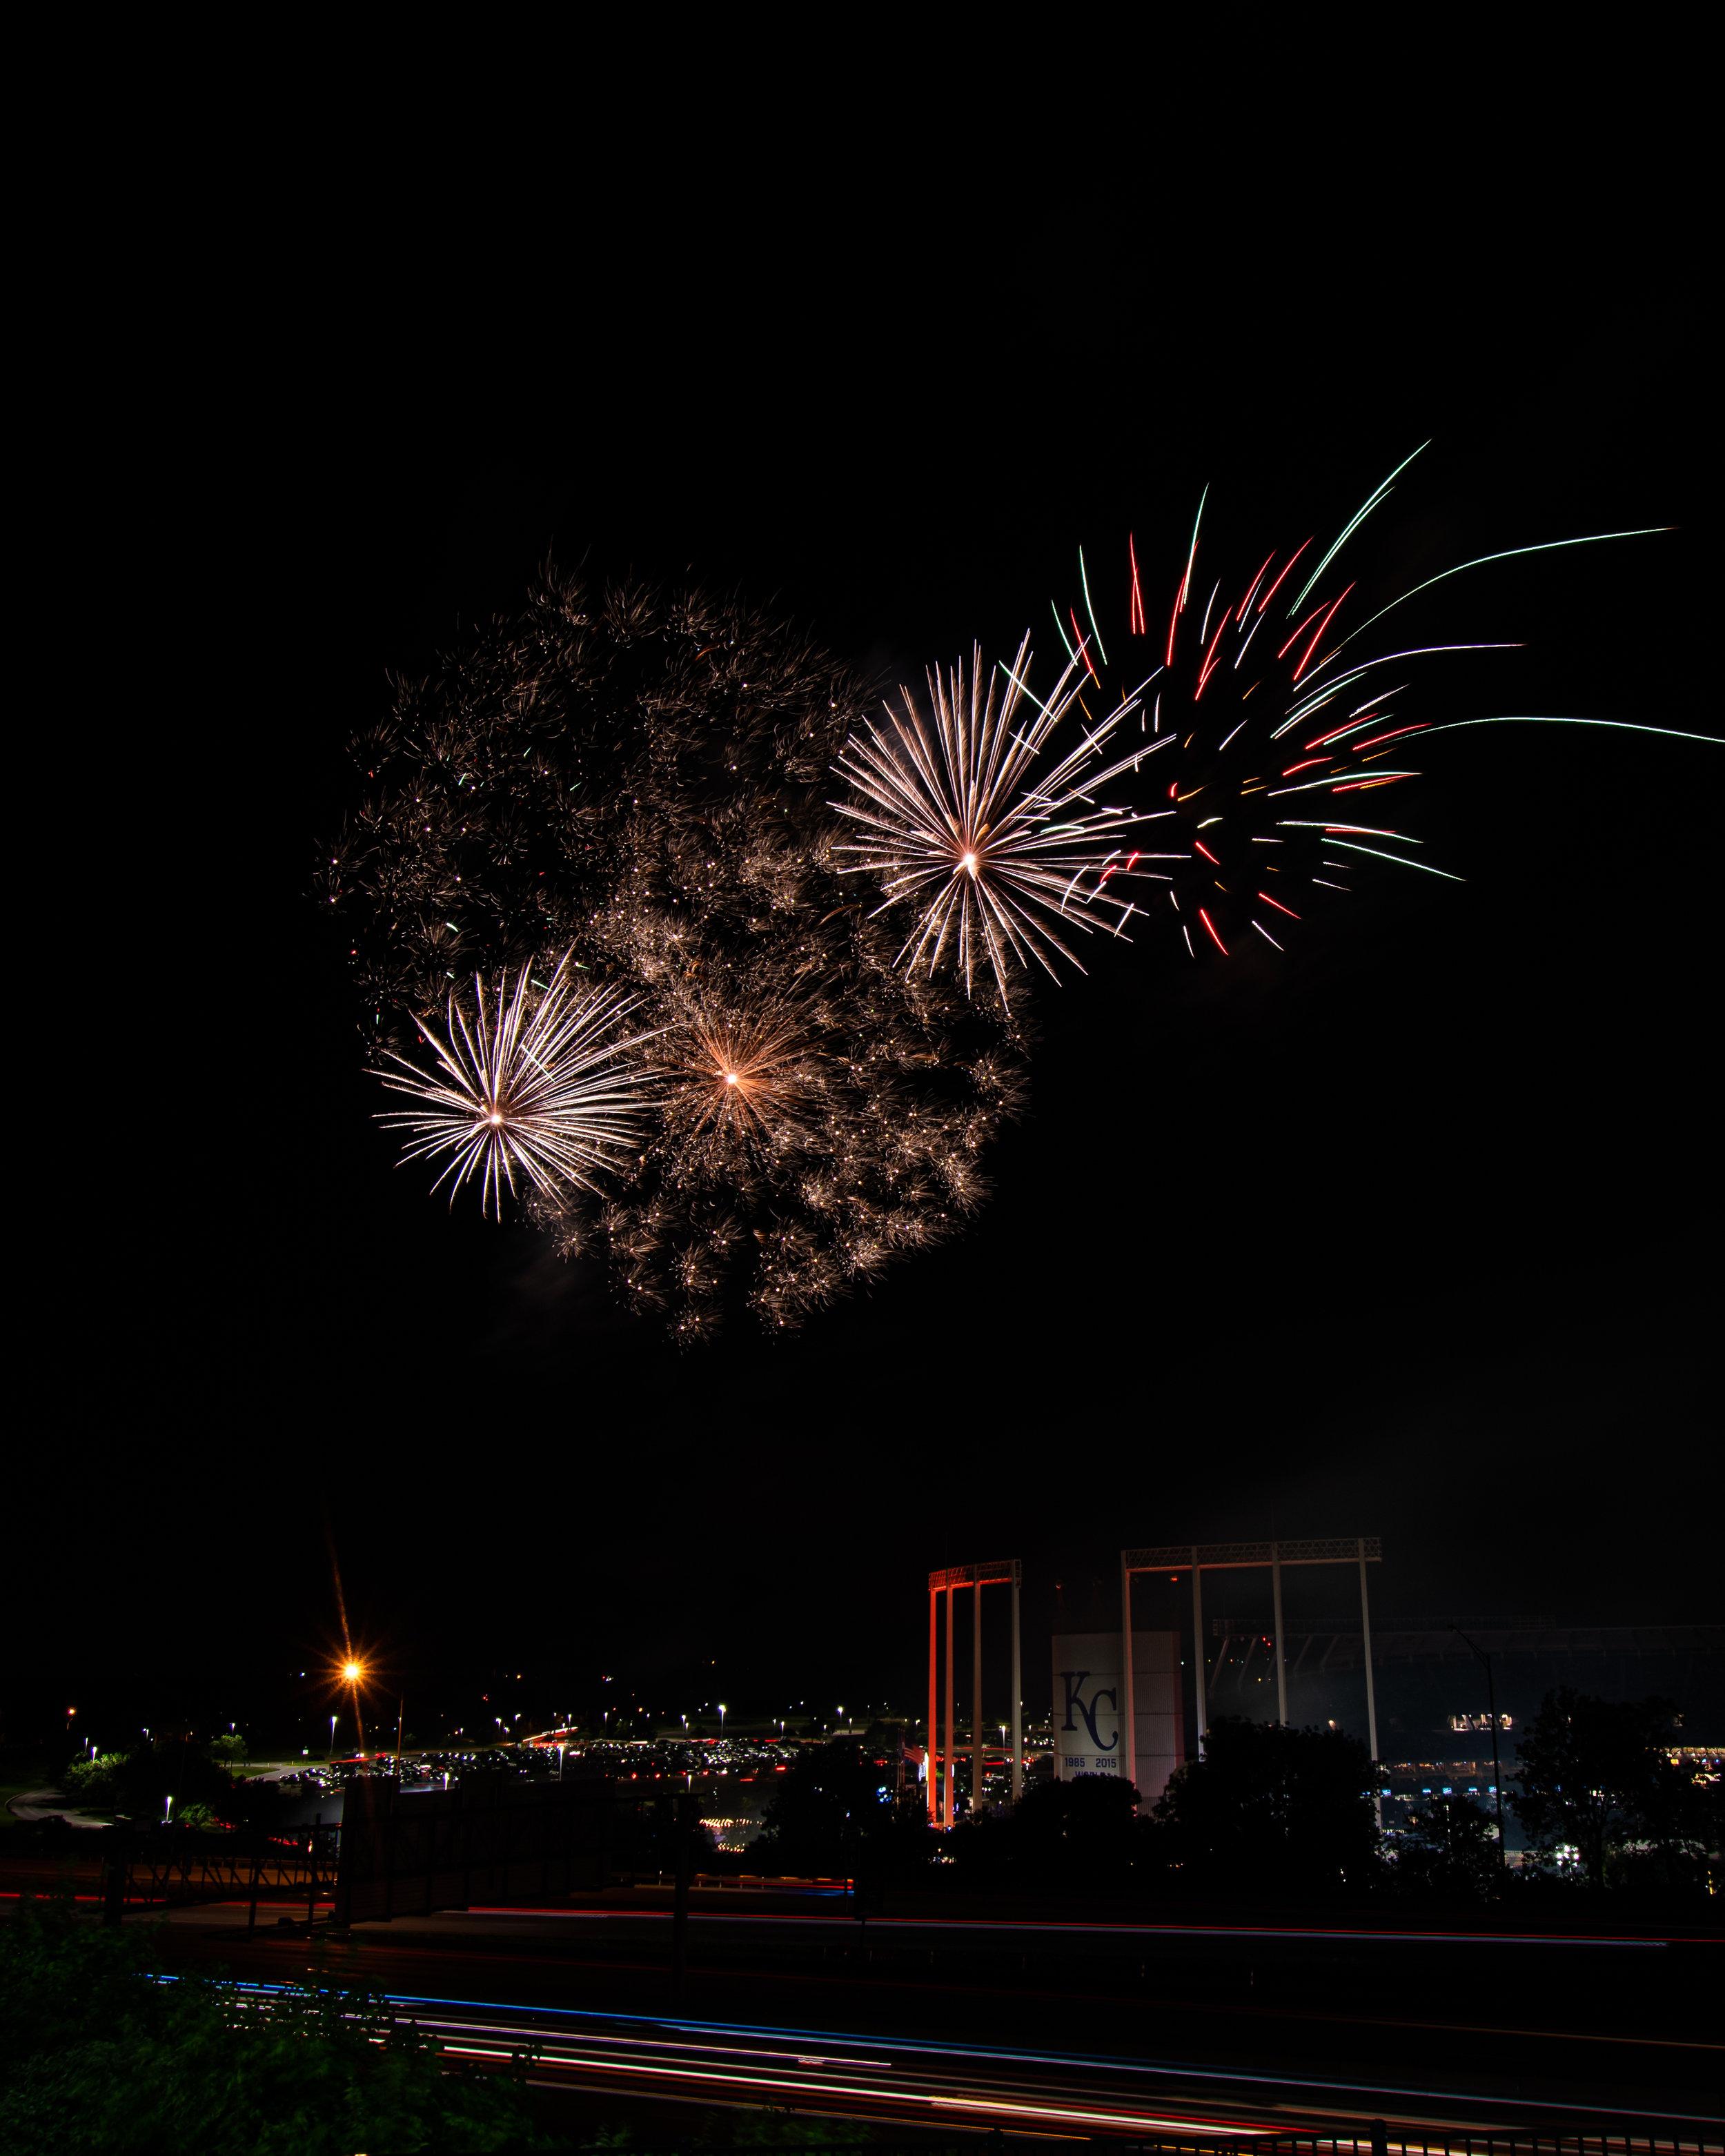 firework-friday-42-of-51_48108386217_o.jpg